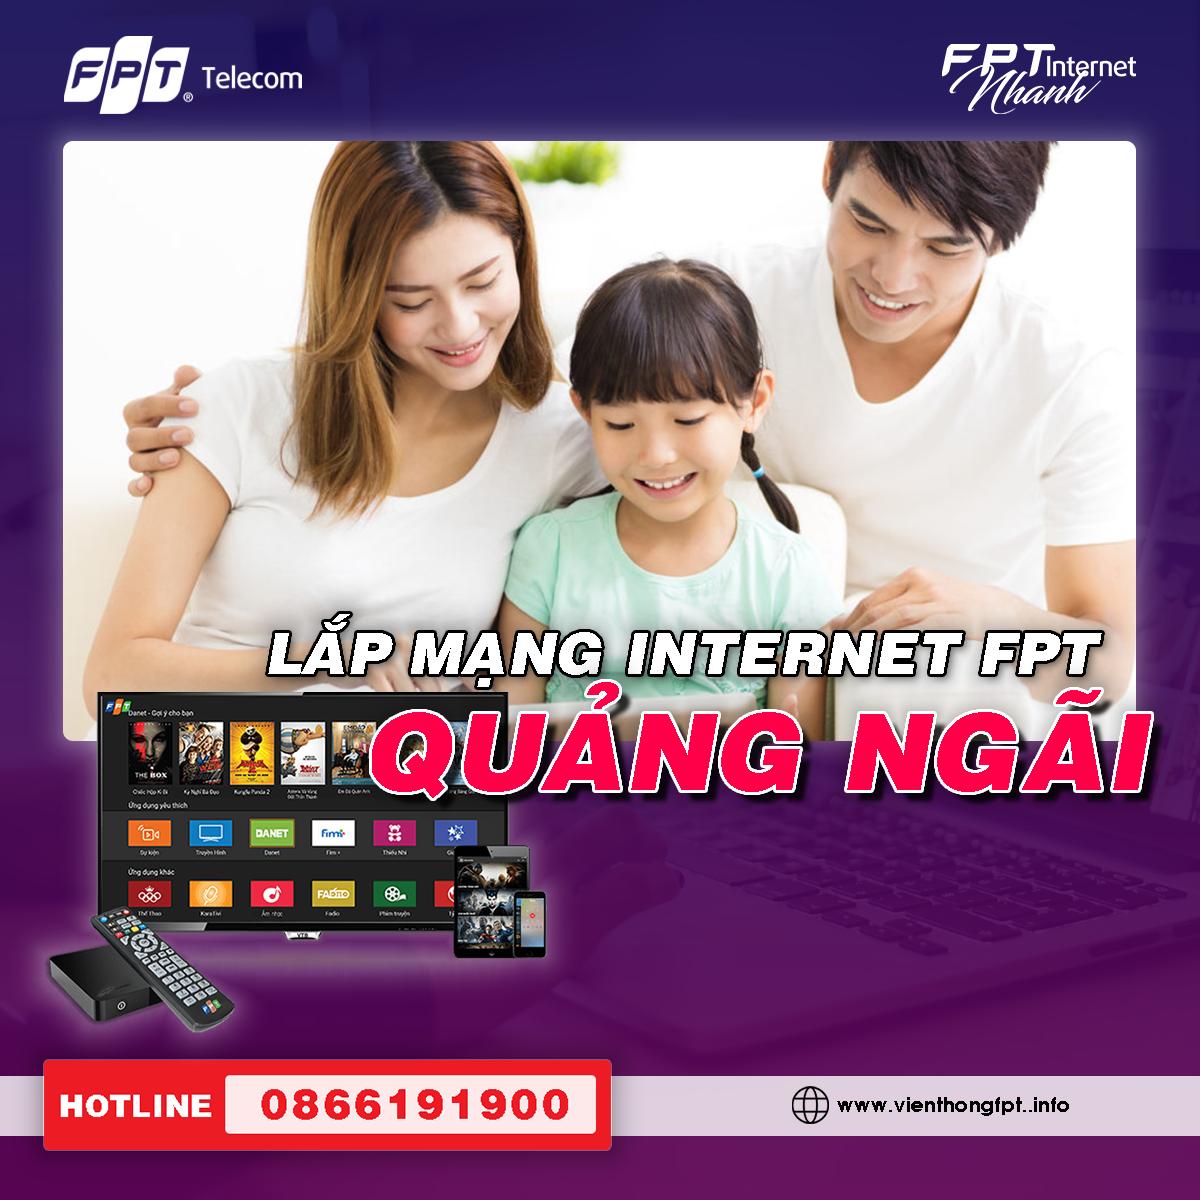 Đăng ký Internet FPT Quảng Ngãi - Miễn phí lắp đặt - Tặng 2 tháng cước